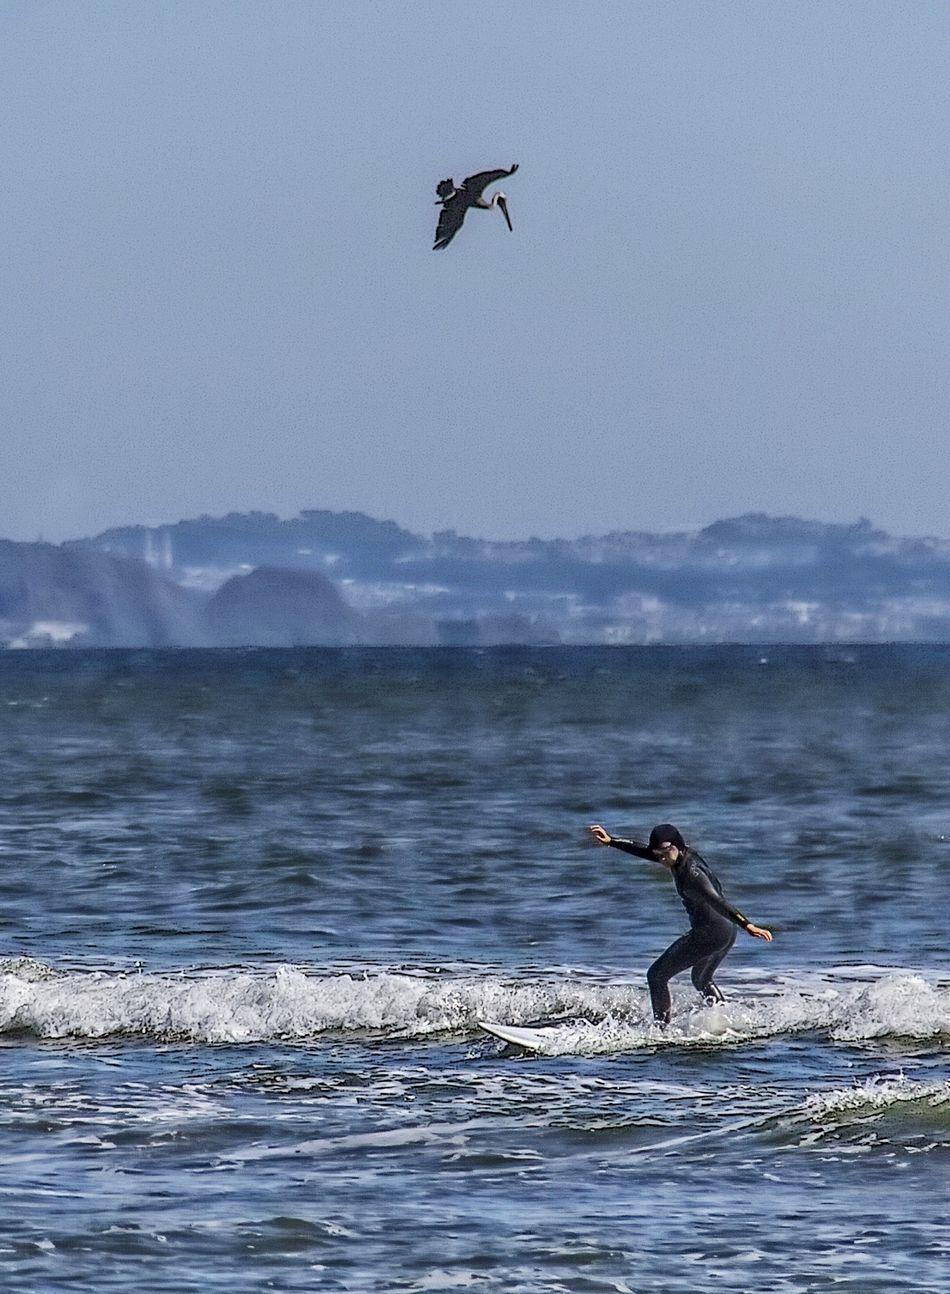 Bird watcher. Water_collection Eye4photography  Surfin' Ocean